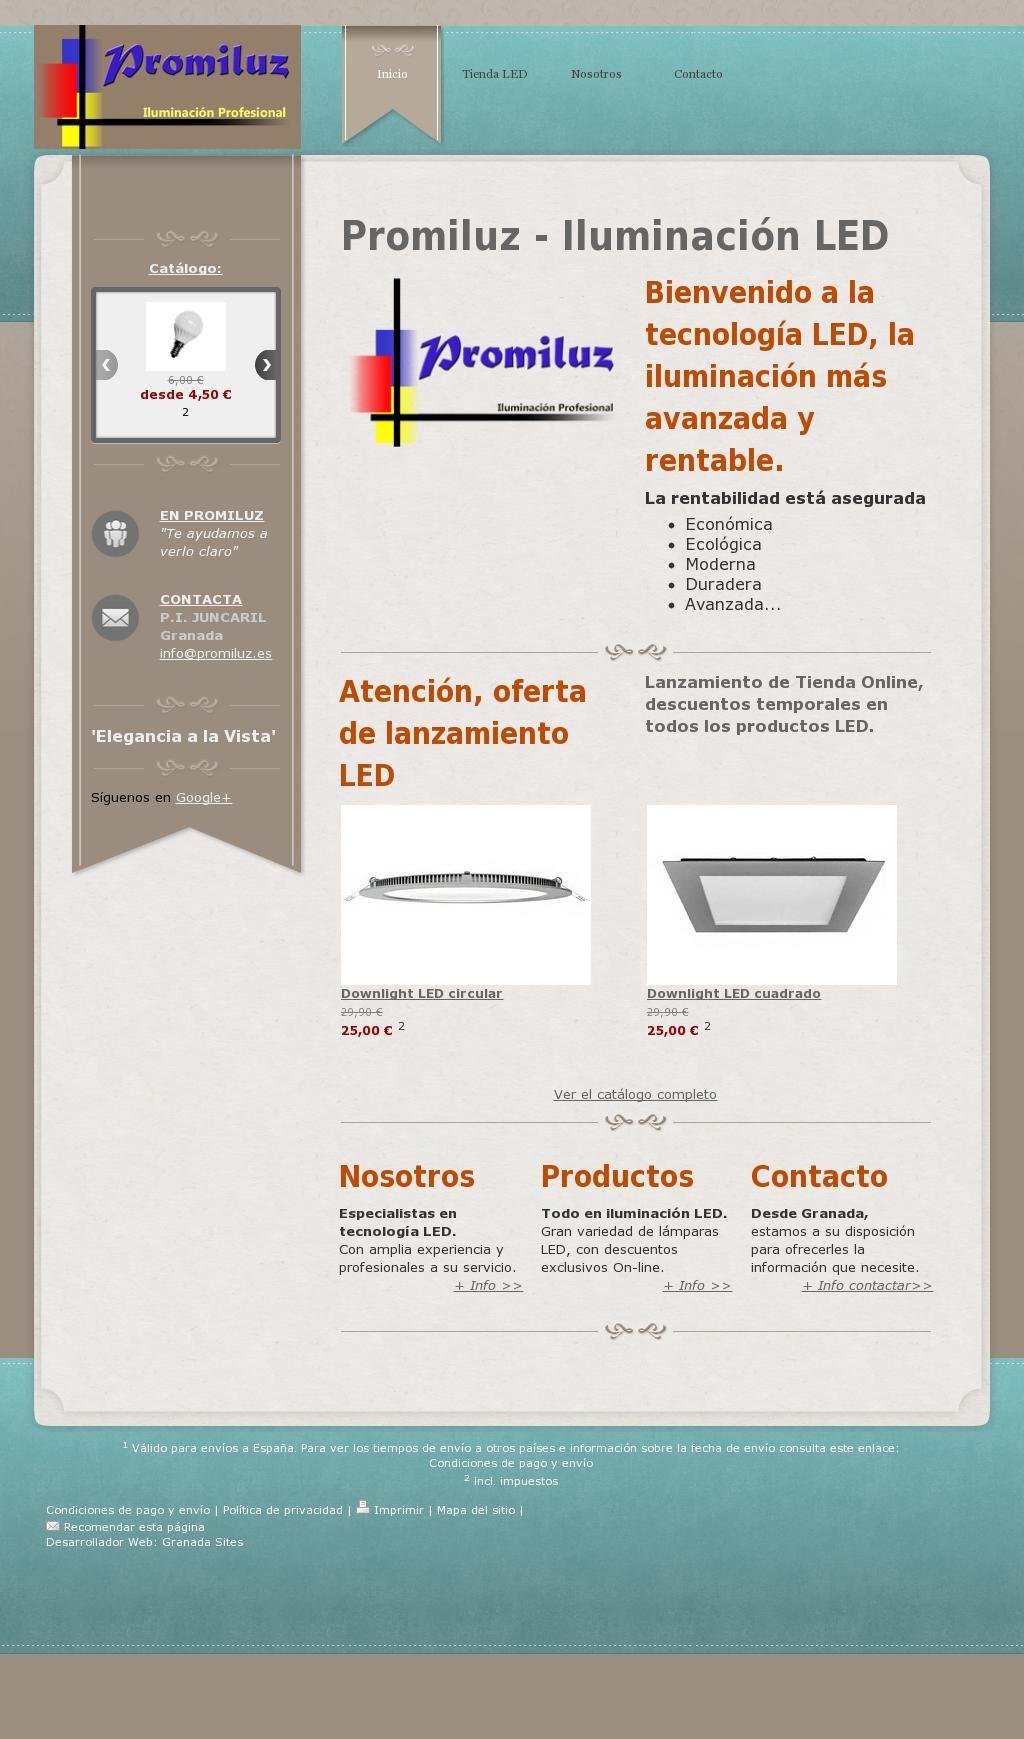 Nueva Web Funcionando Tienda Online De Iluminacion Led Ubicada En